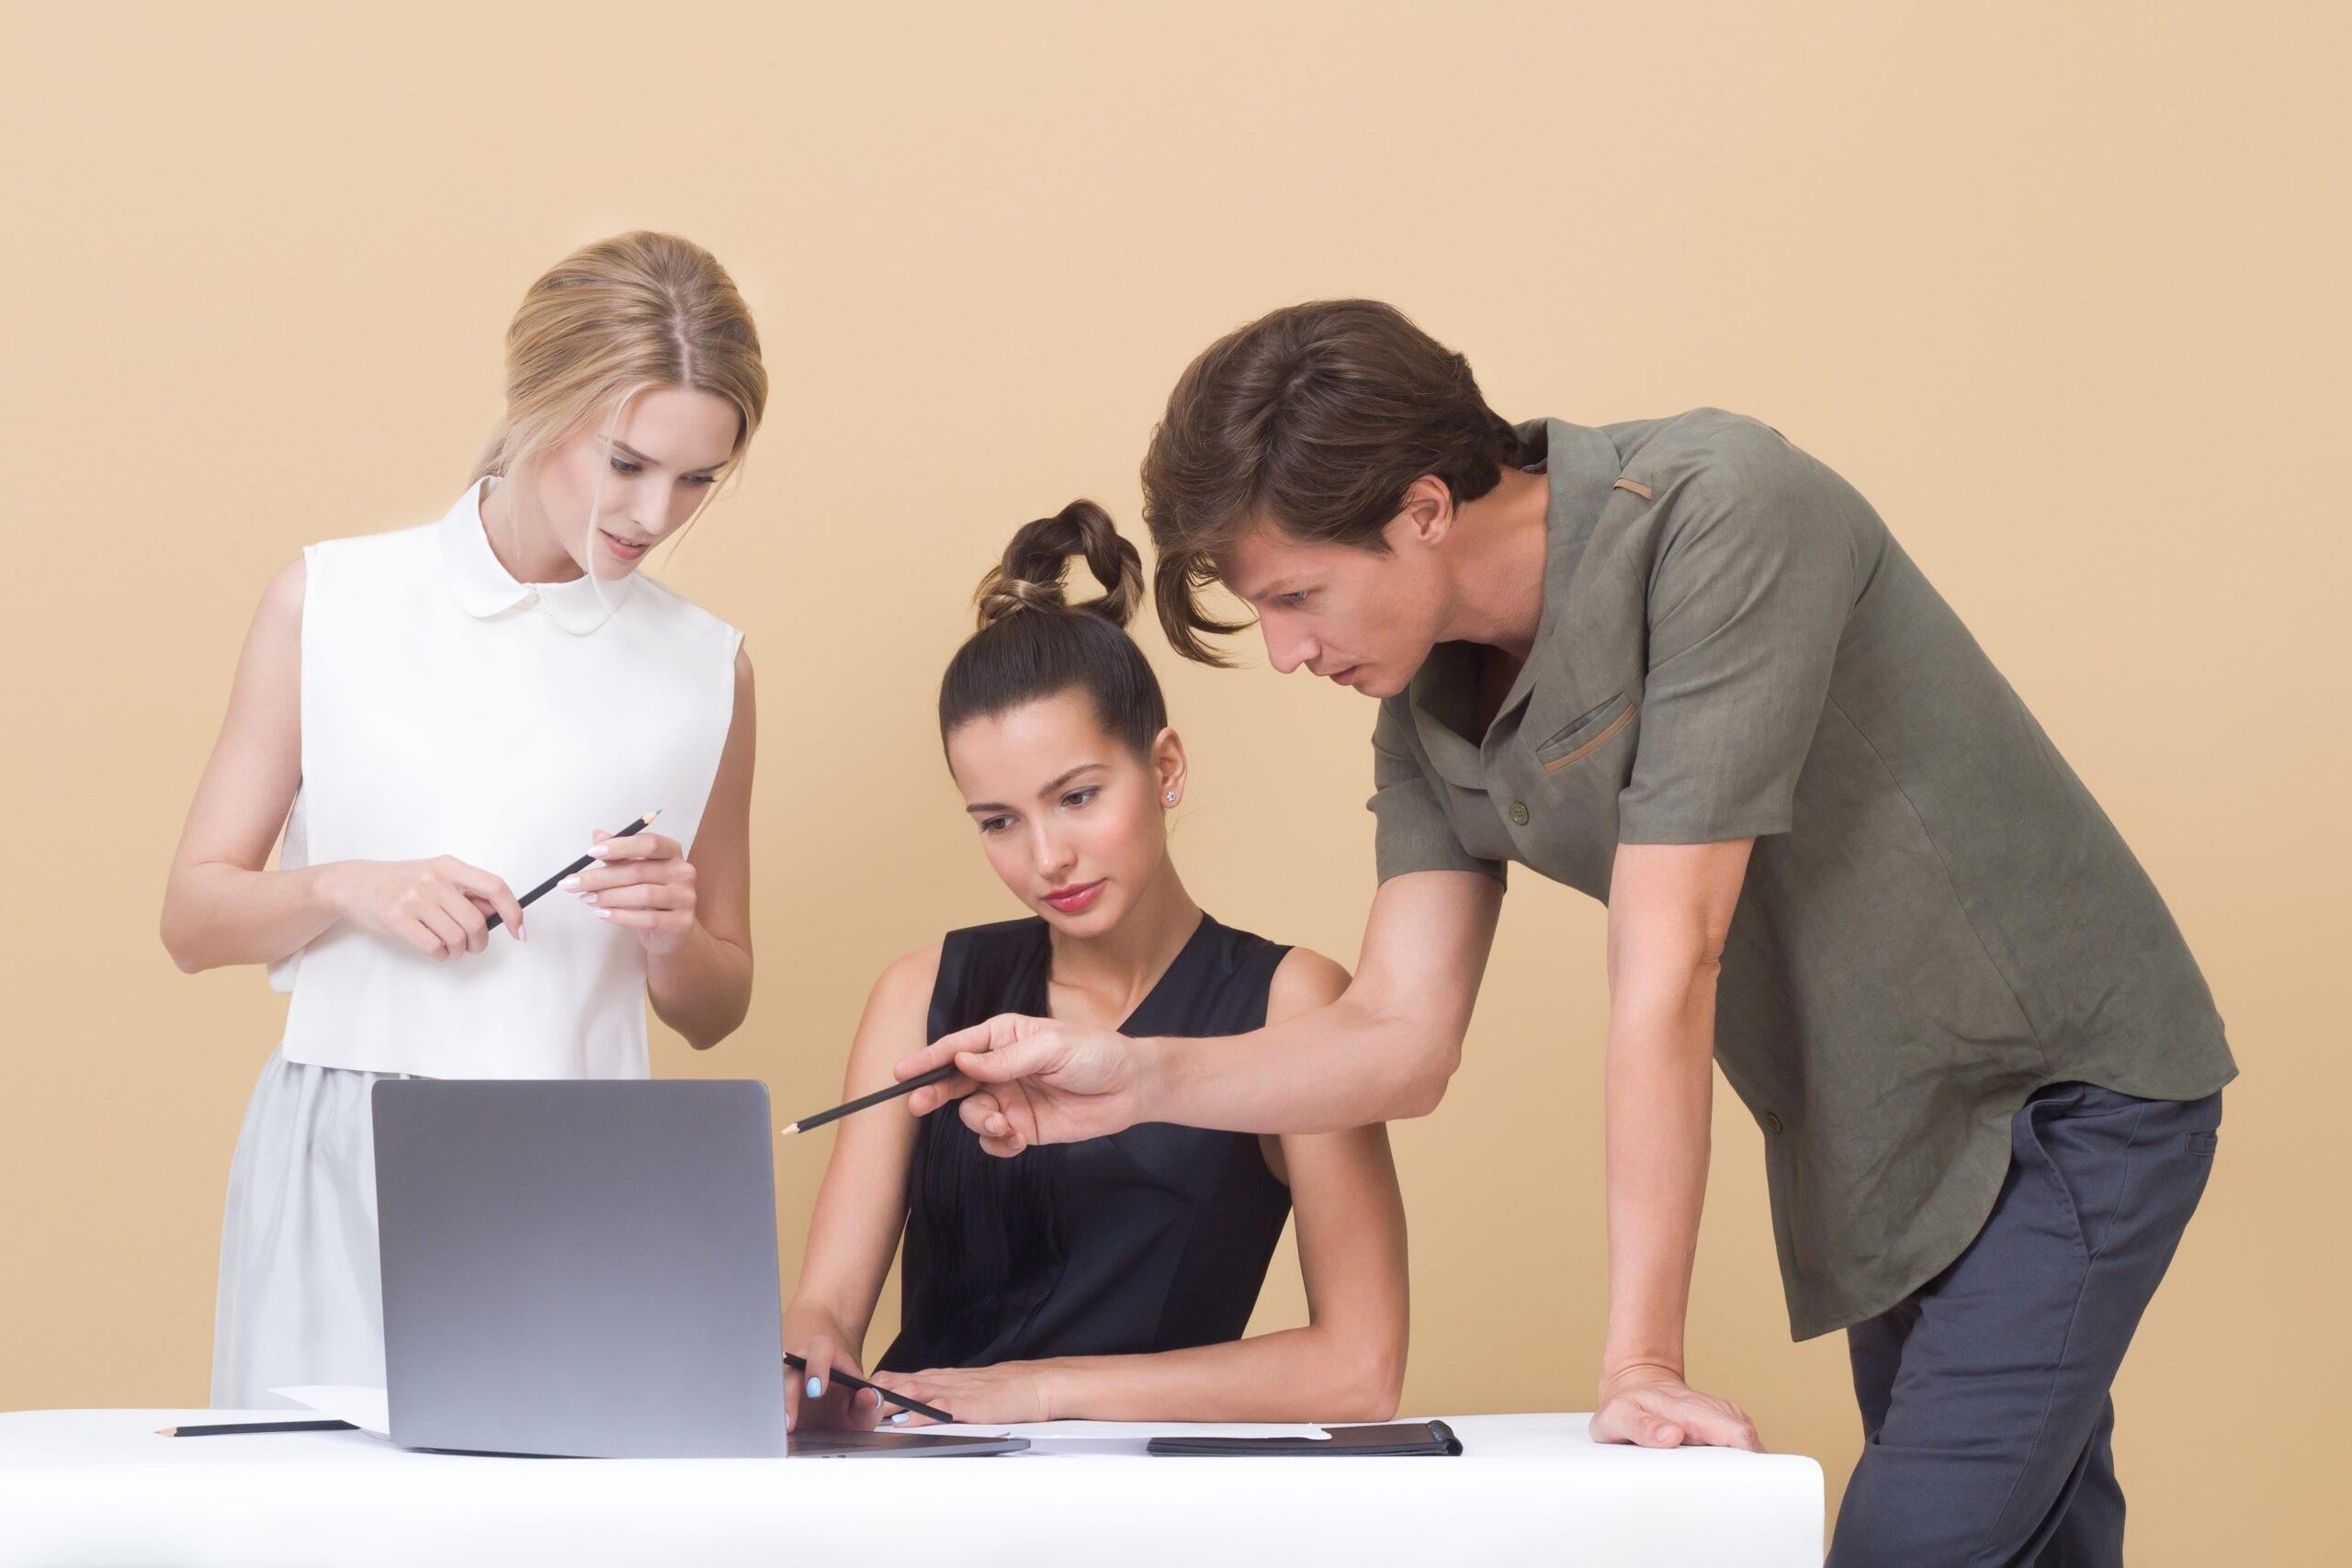 La formazion degli studi professionali per rispondere alle necessità del mercato